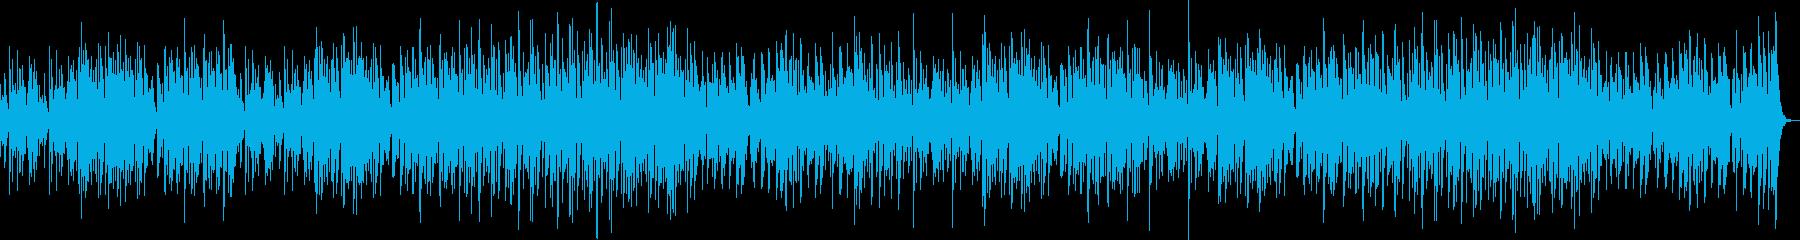 軽快なマリンバ、早送り動画の再生済みの波形